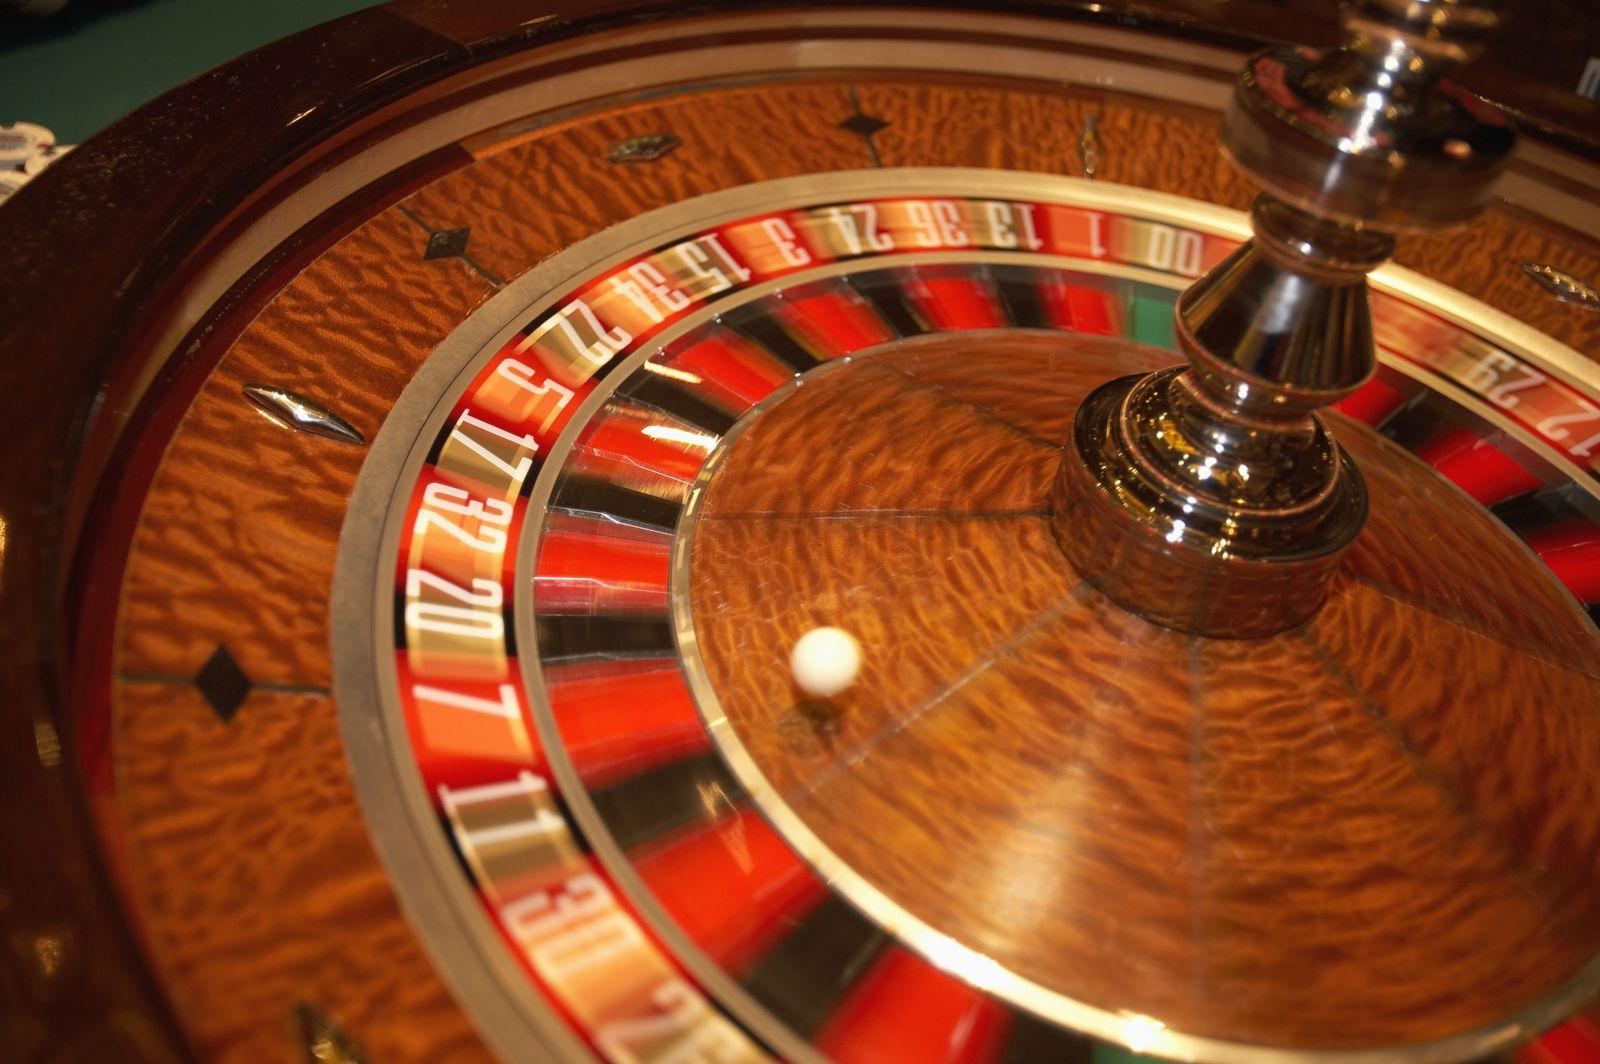 NICHT MEHR VERWENDEN! - Glücksspiel / Zufall / Roulette / Casino